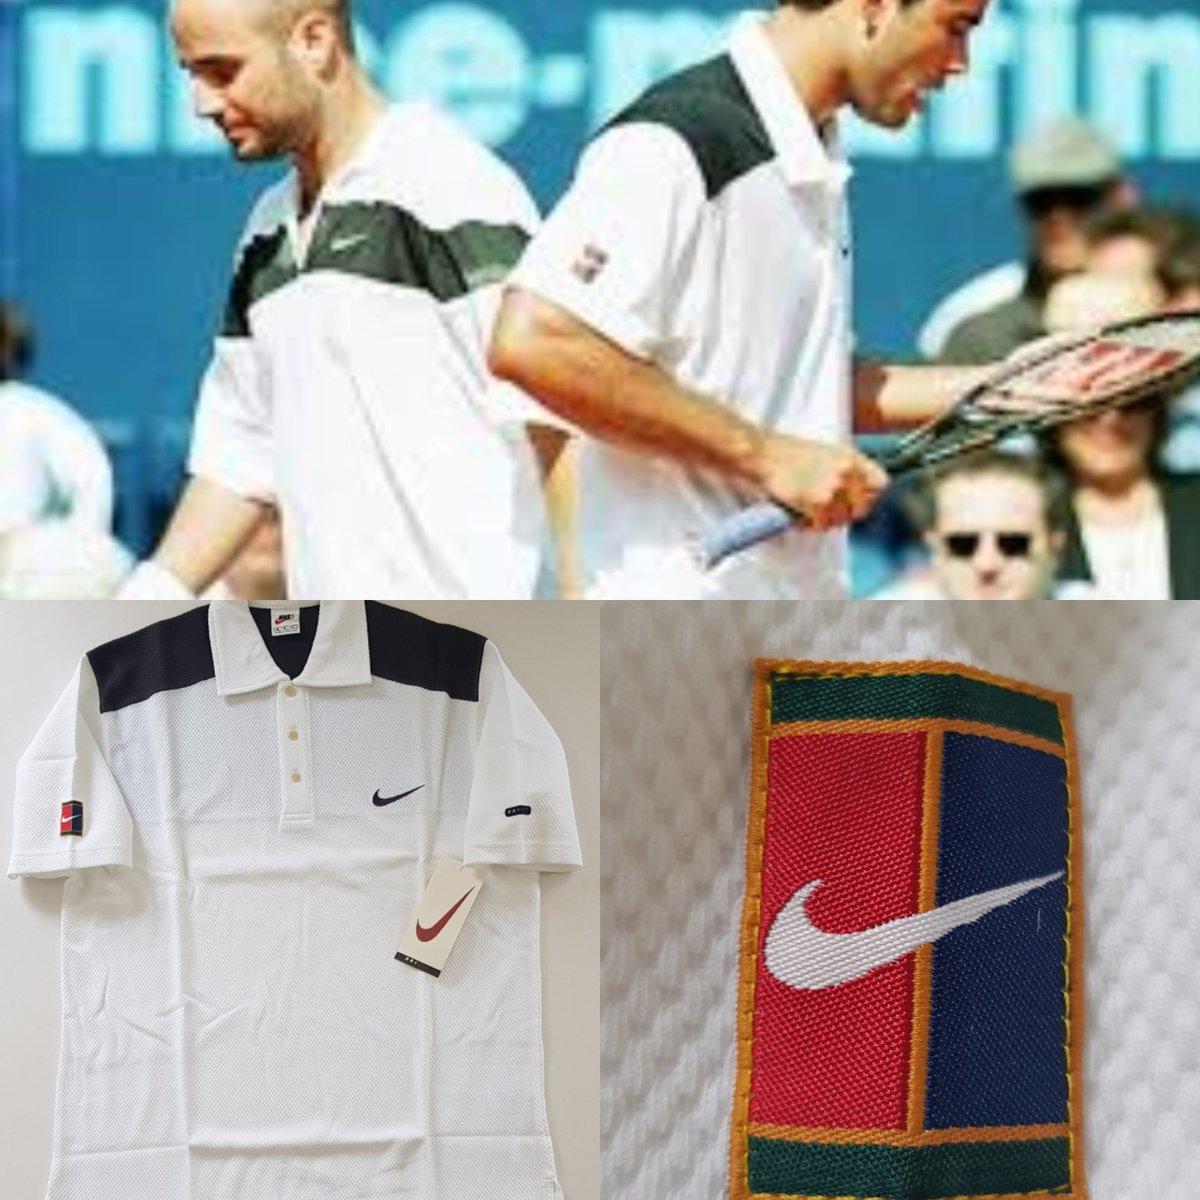 Maestro seta Perforación  Unique Sportswear Shop on Twitter: